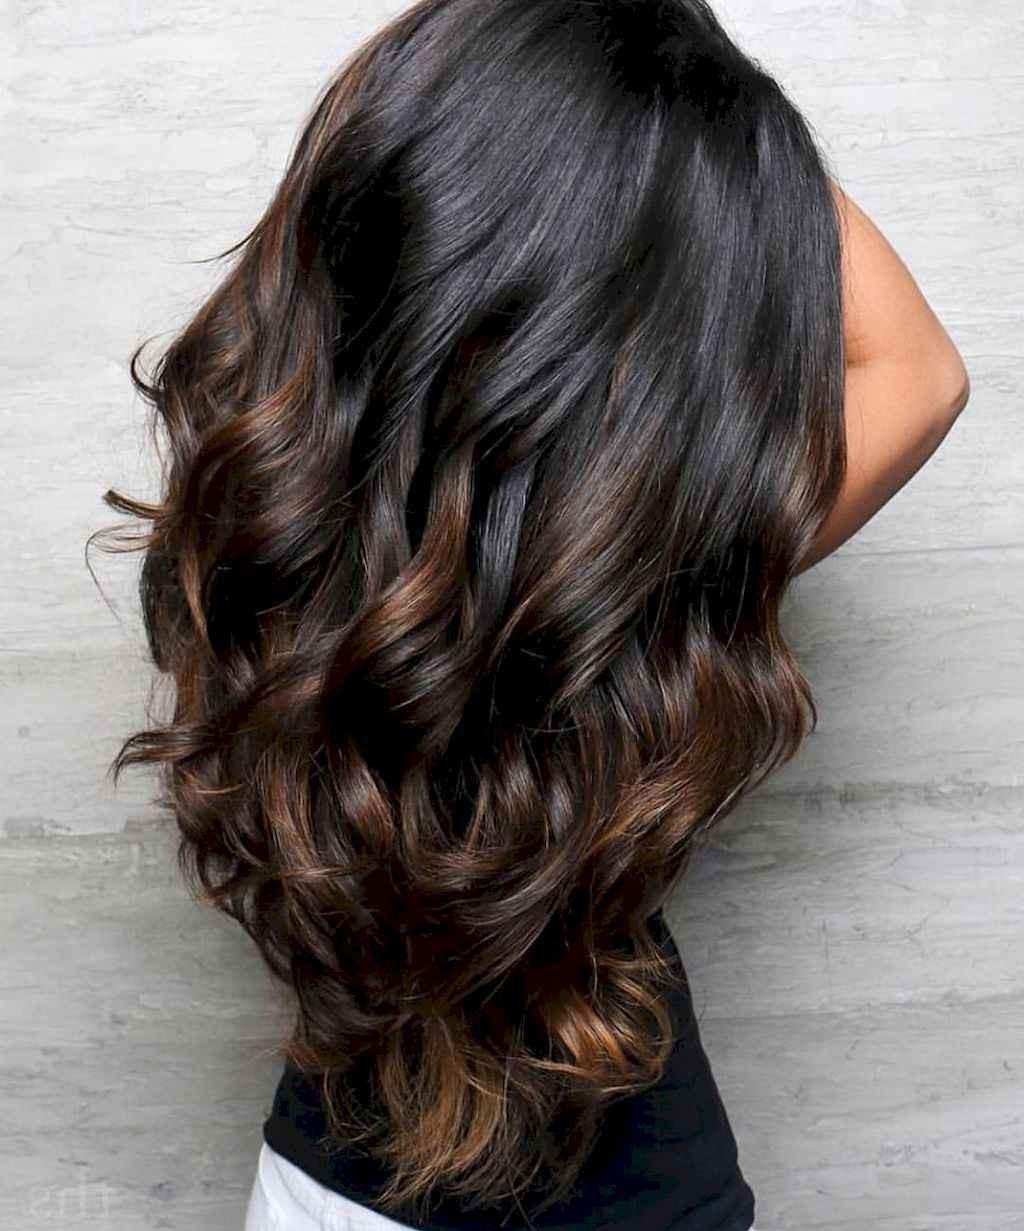 Même si vos cheveux sont naturellement foncés, vous pouvez essayer le balayage brune.